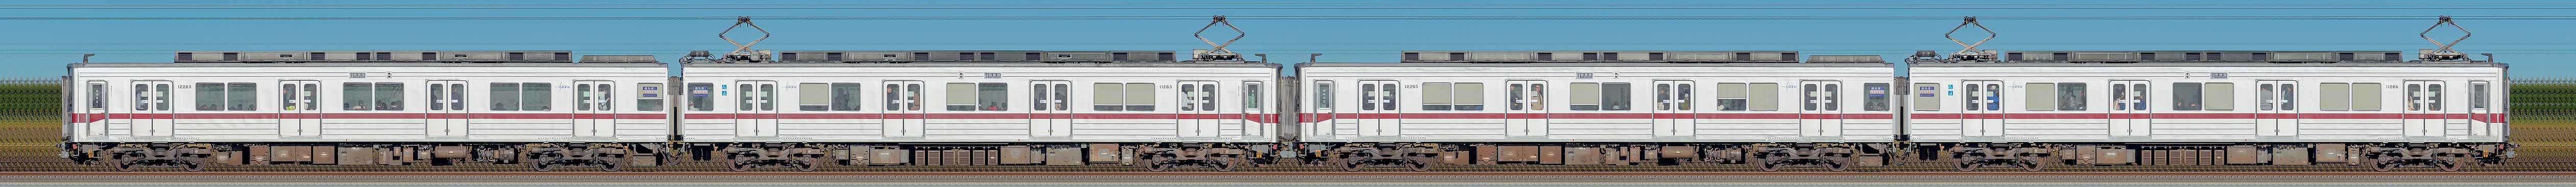 東武鉄道10030型11263編成+11265編成(山側)の編成サイドビュー